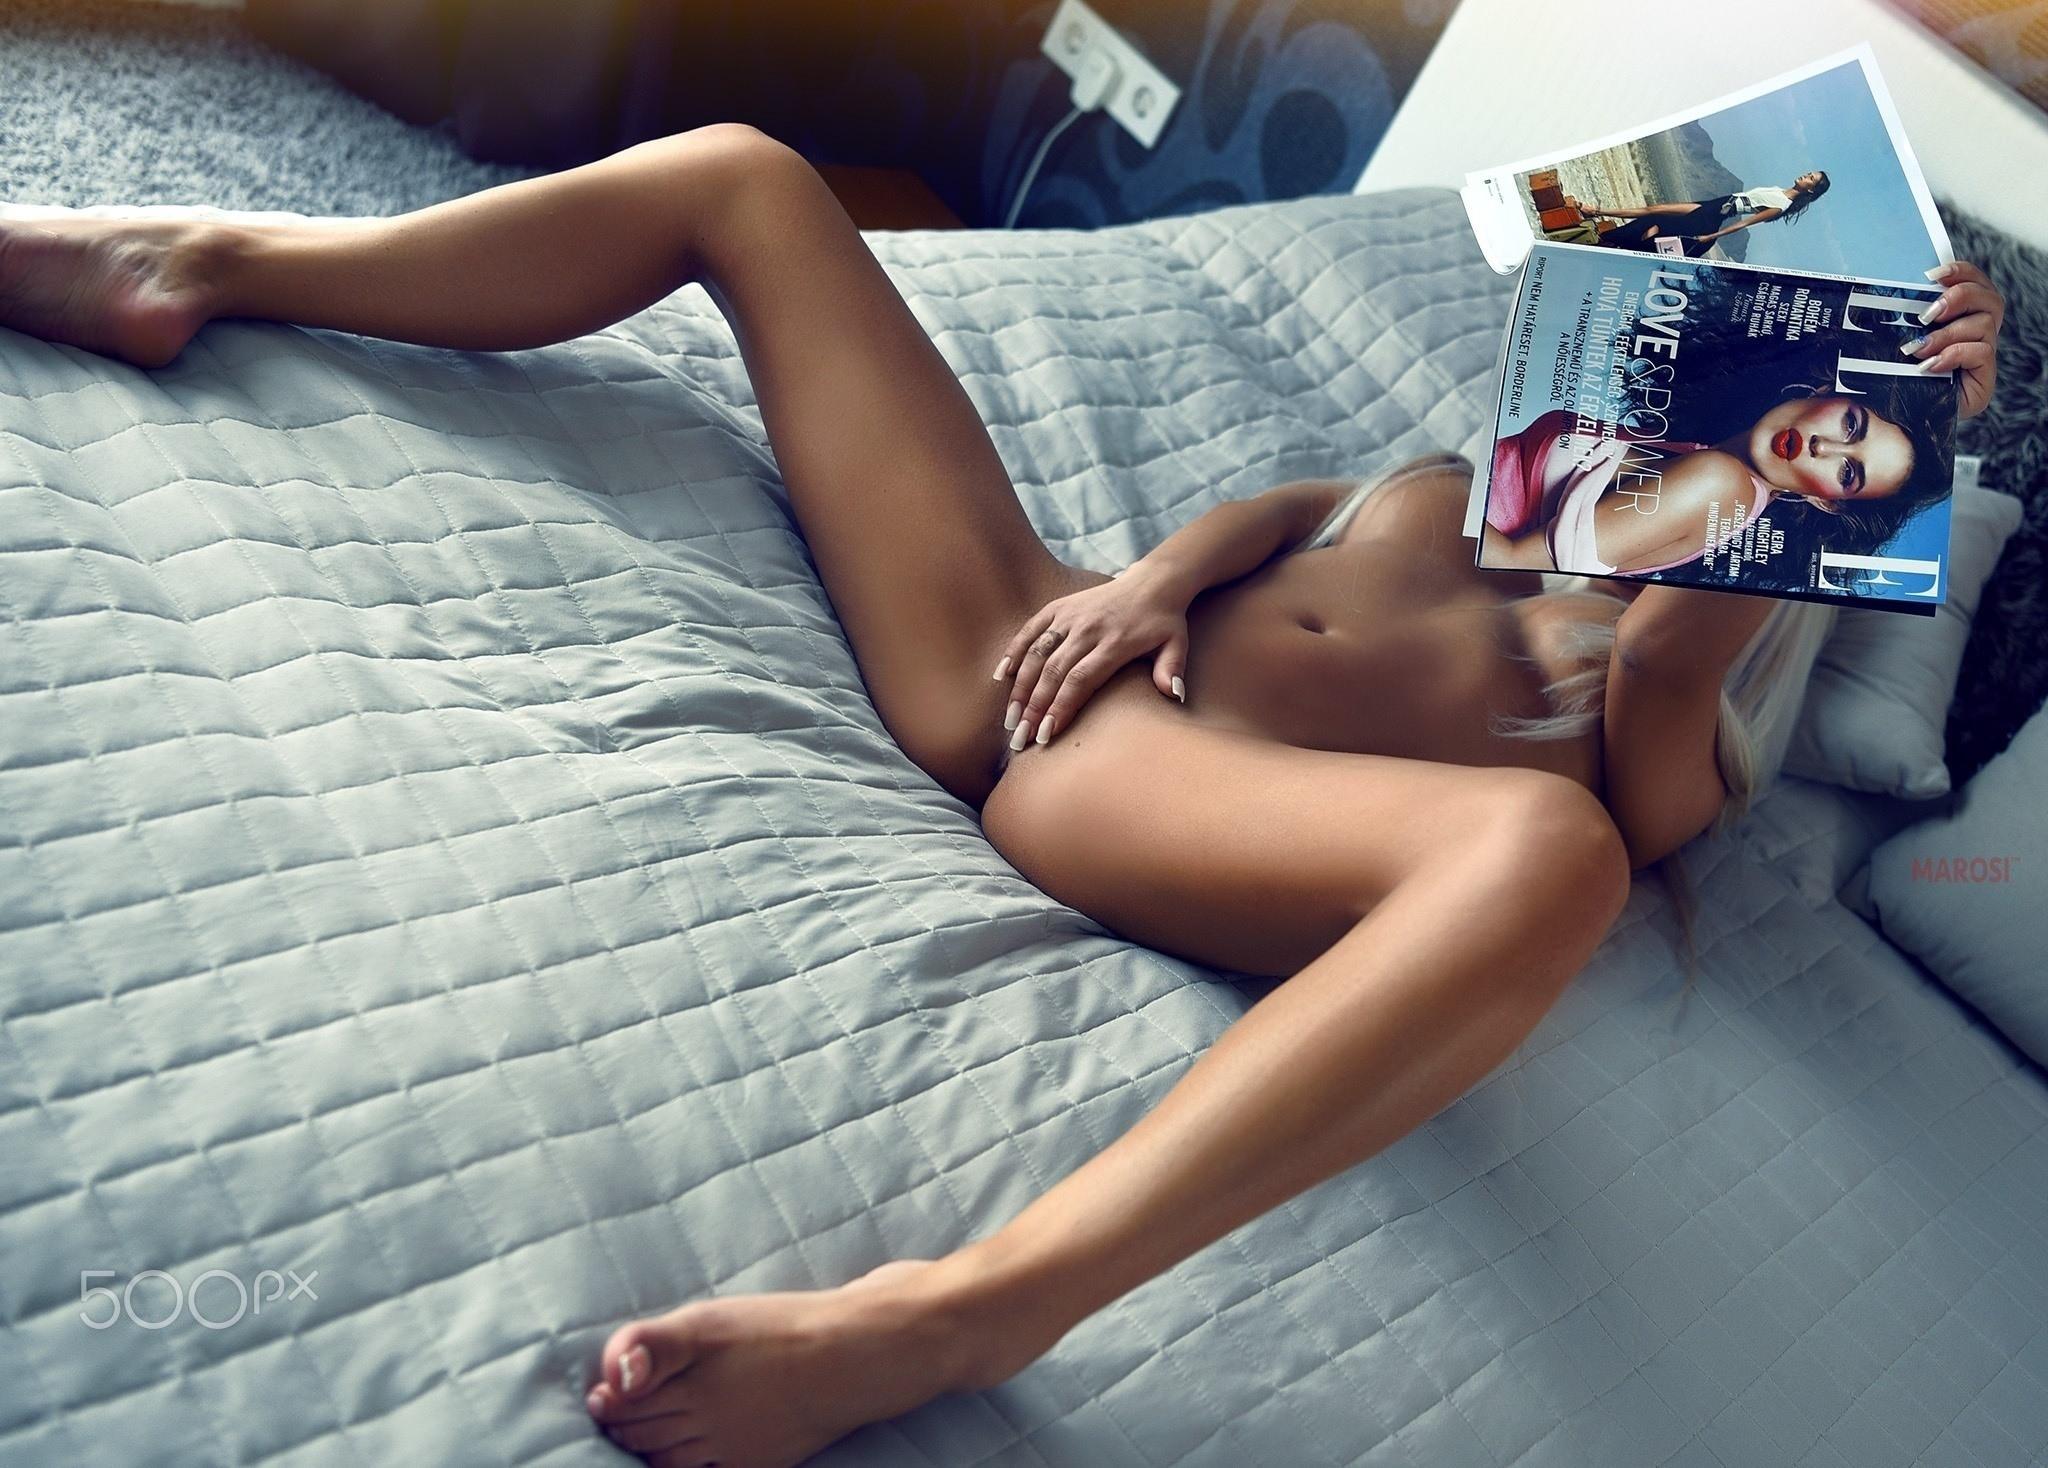 Фото Голая девушка смотрит эротический журнал и ласкает писю в кровати, развела ножки, рука между ног, белокурая возбужденная девчонка в постели, сексуальные ножки, скачать картинку бесплатно